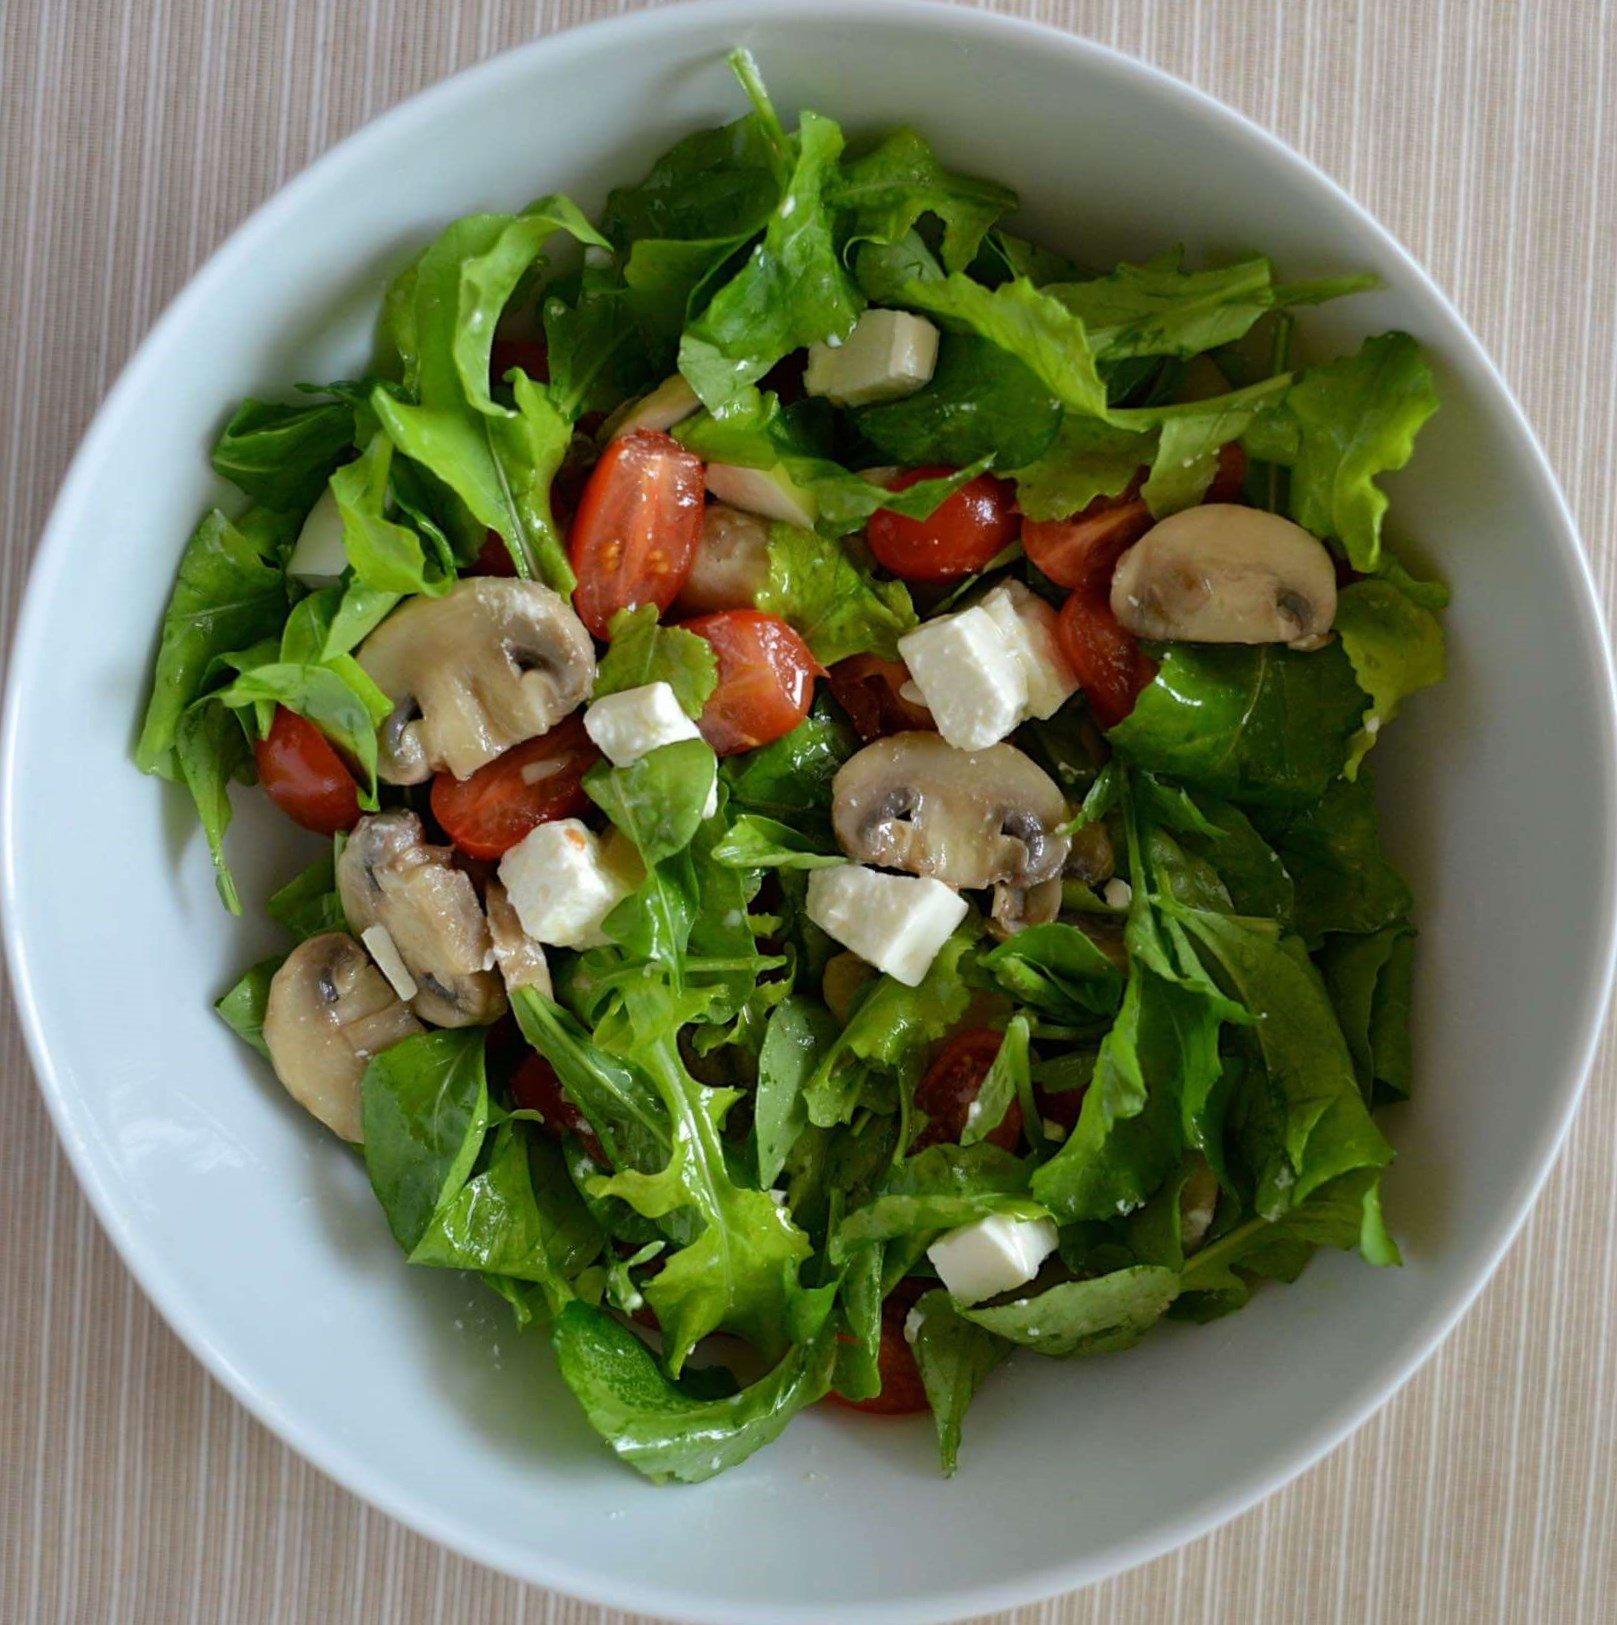 что брачный салаты на растительном масле рецепты с фото после выхода